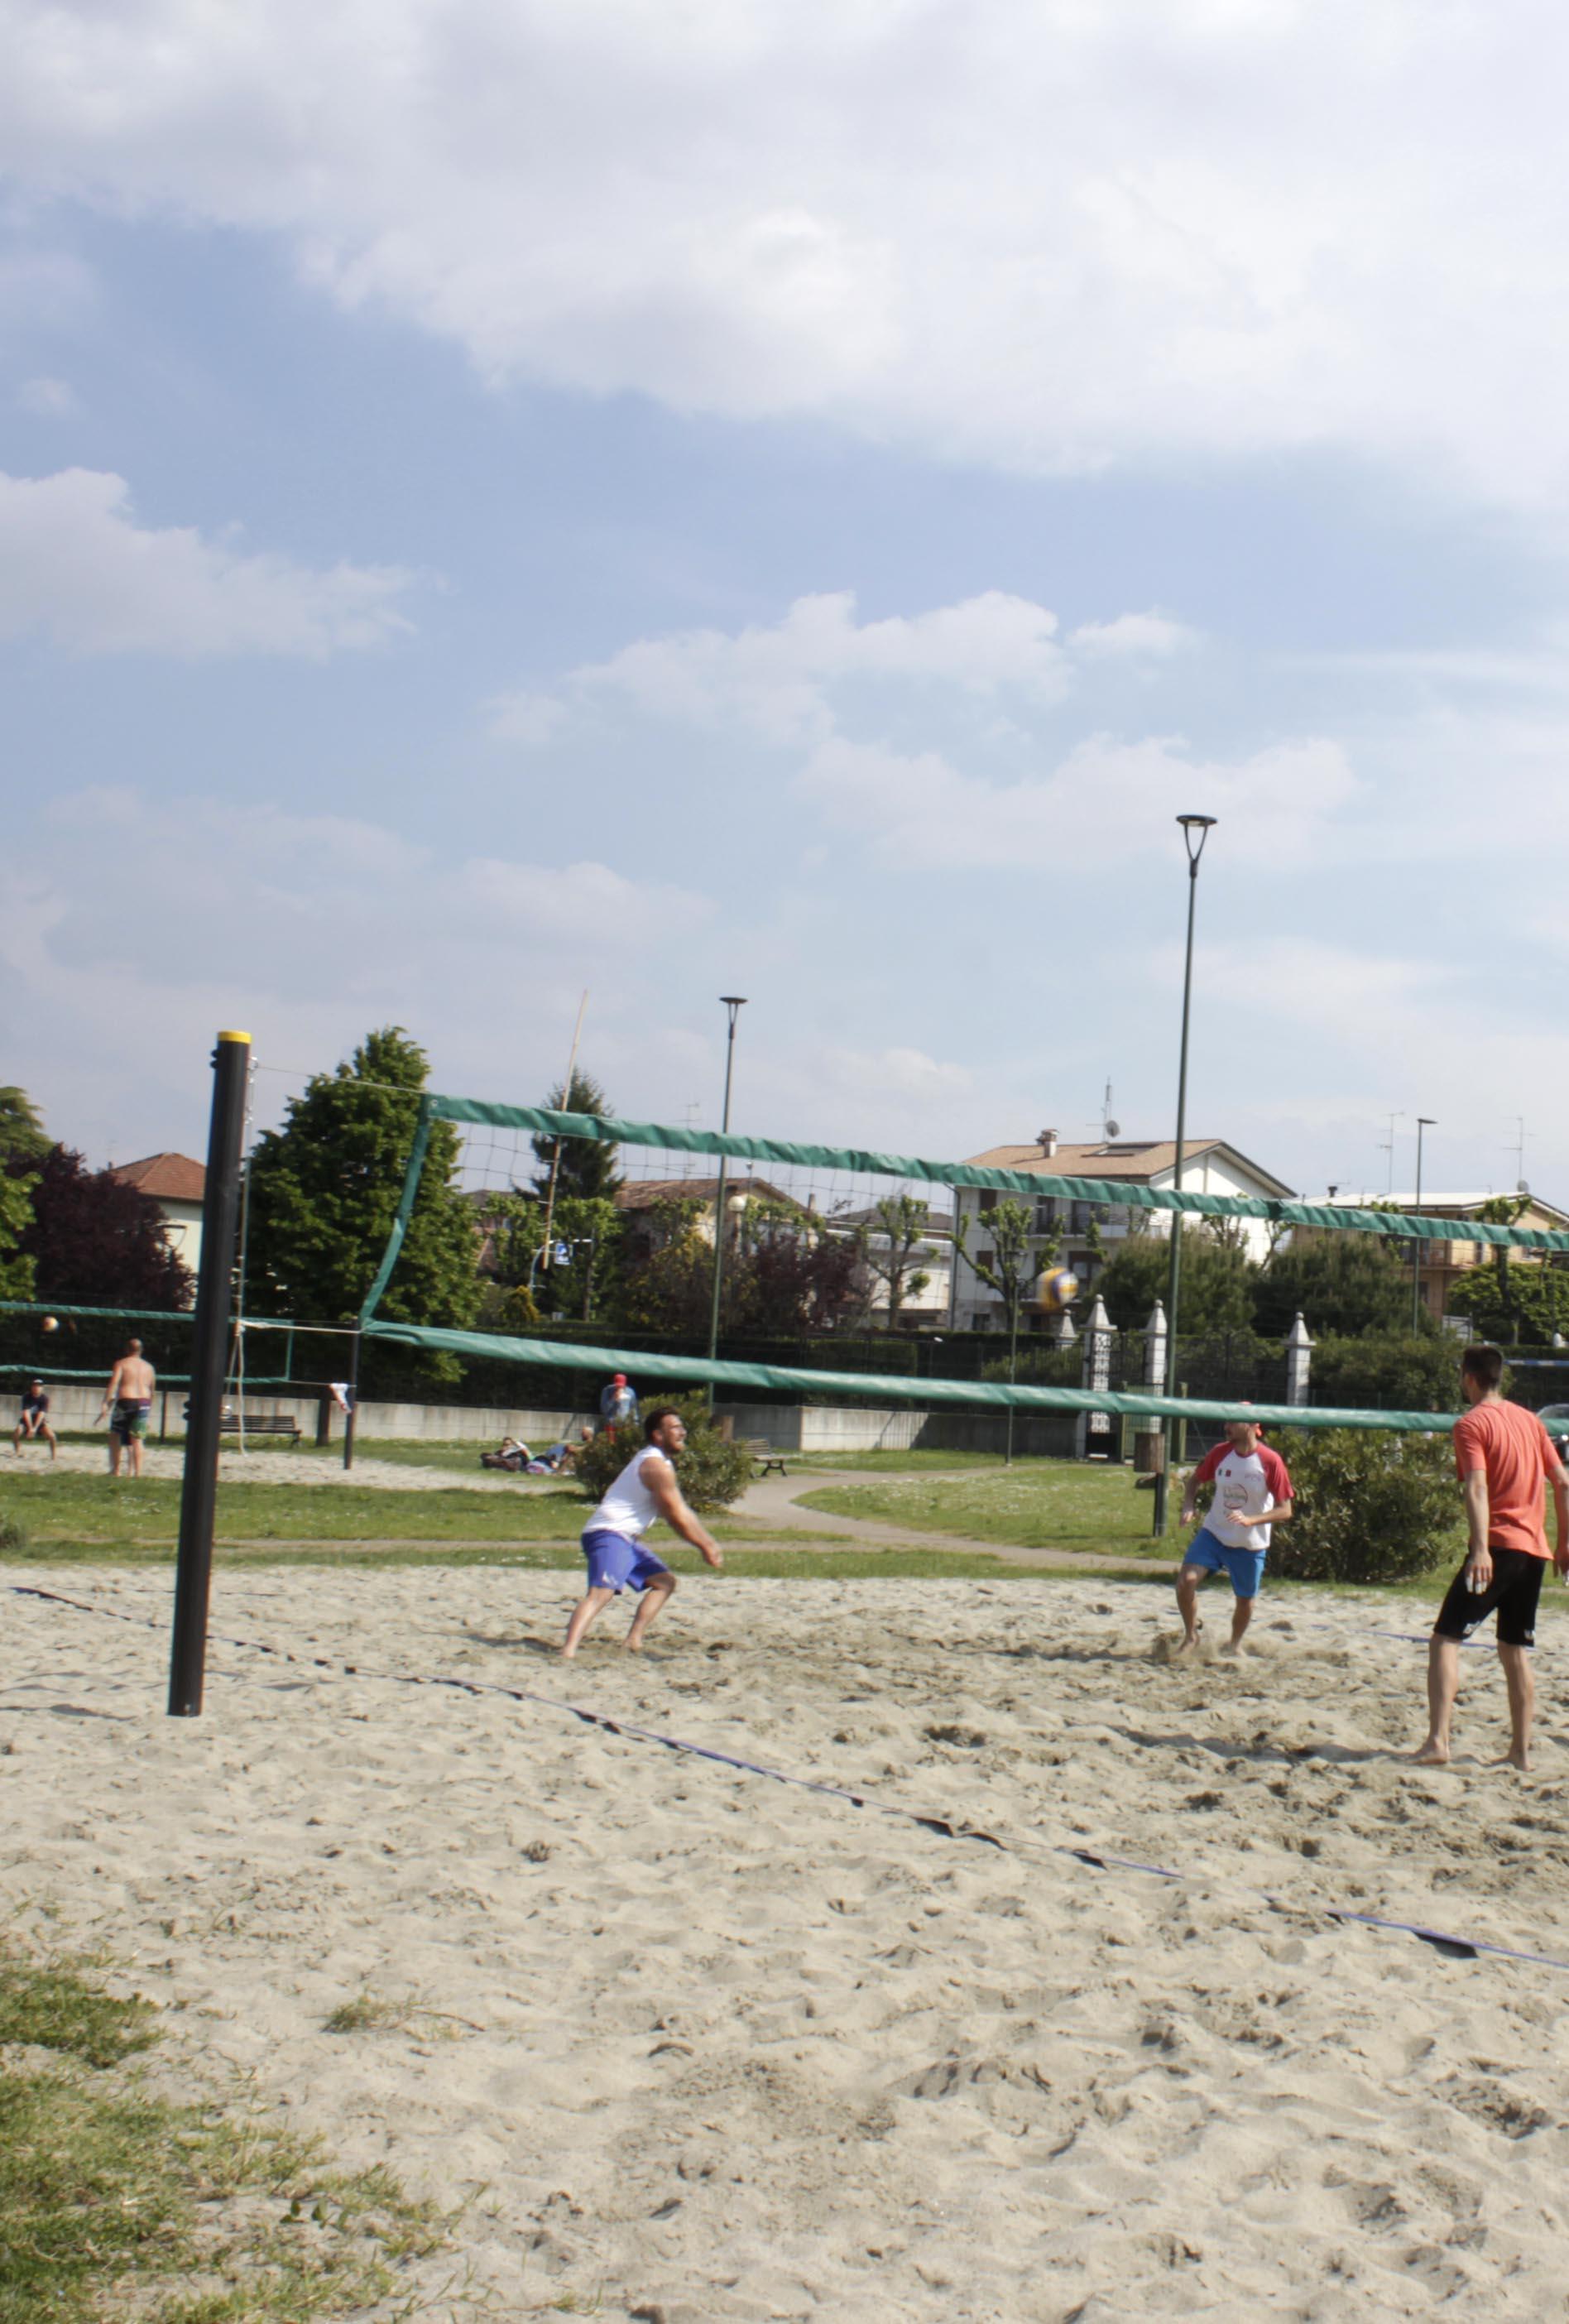 campi da beach volley in spiaggia d'oro